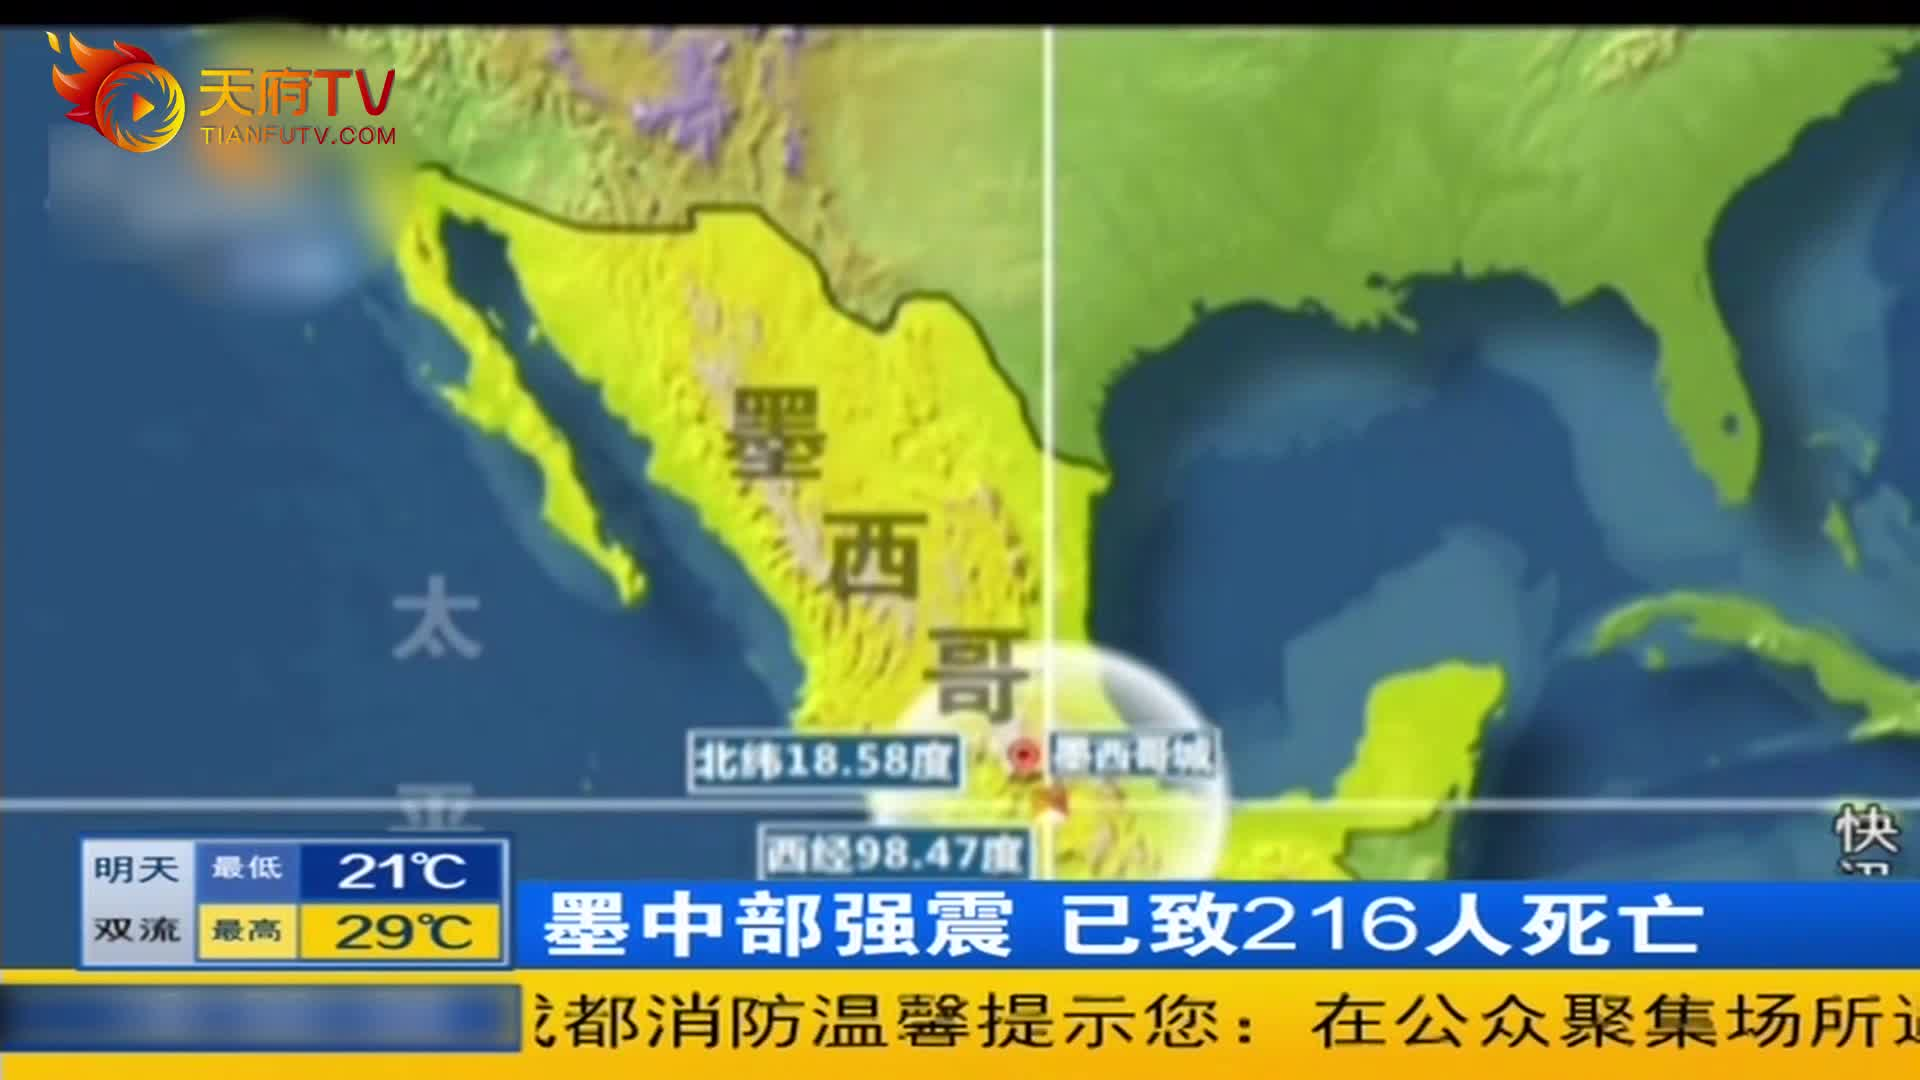 墨中部强震 已致216人死亡